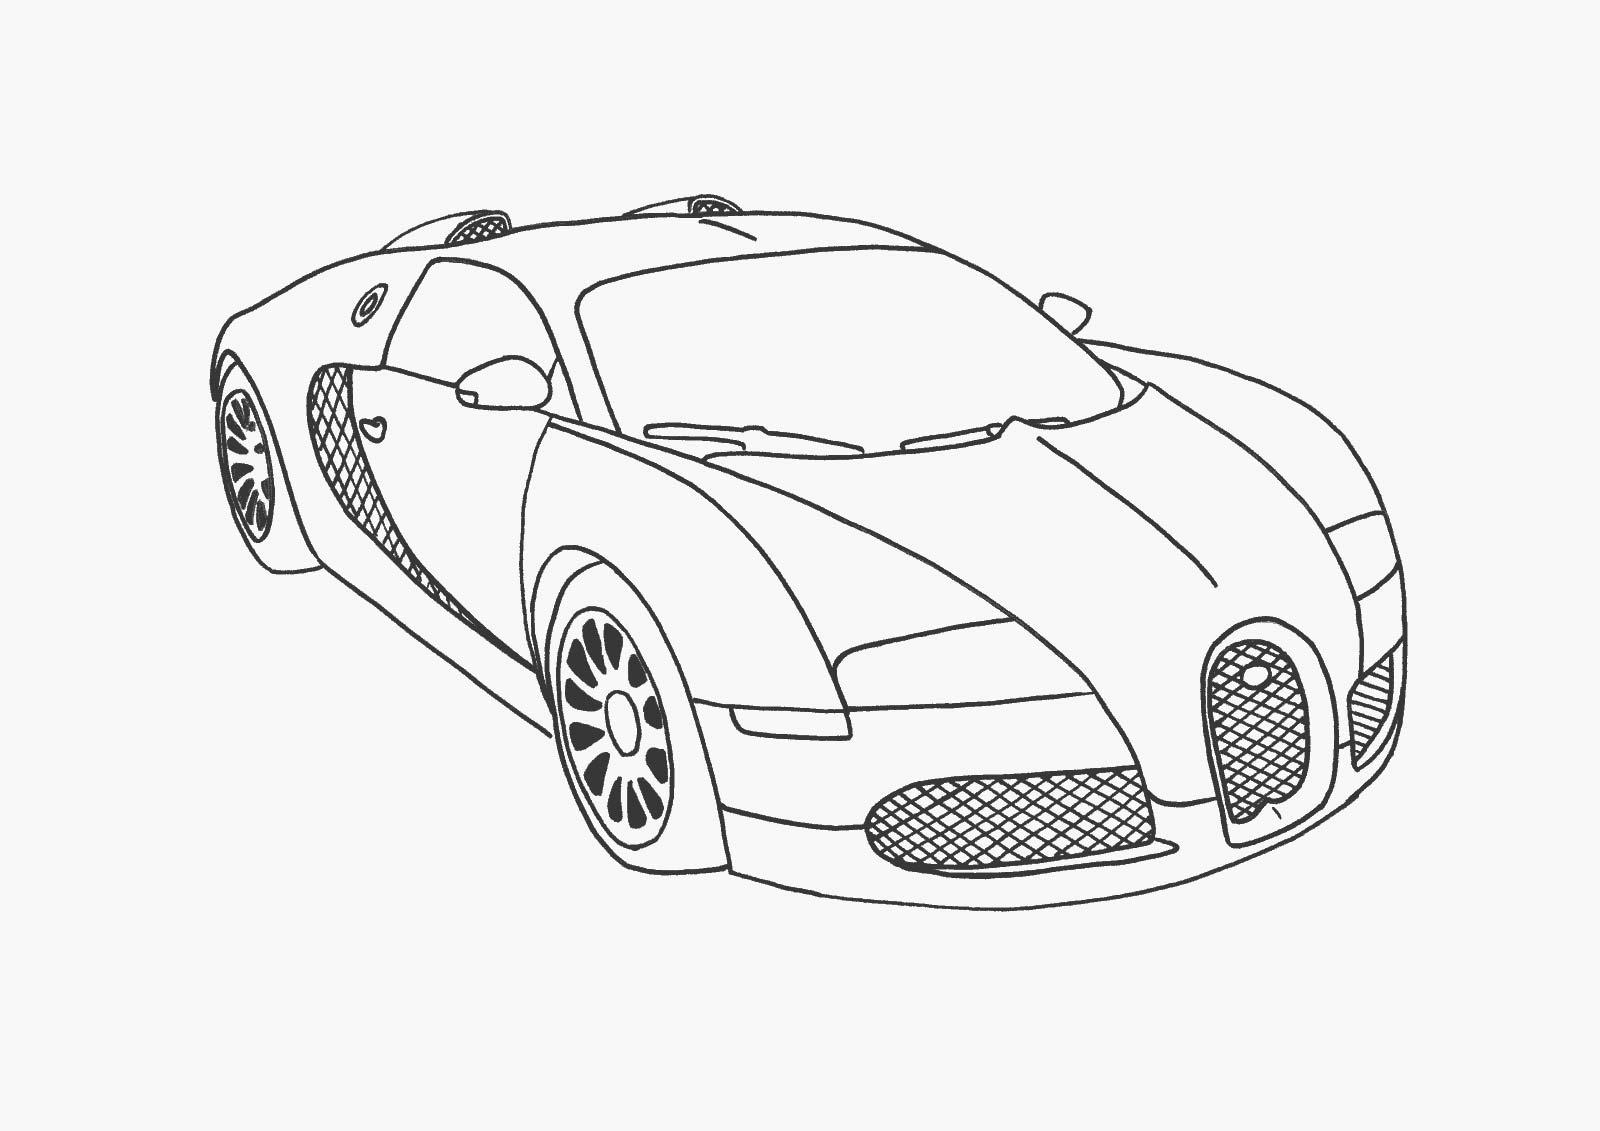 Buggatti автомабиль Раскрашивать раскраски для мальчиков